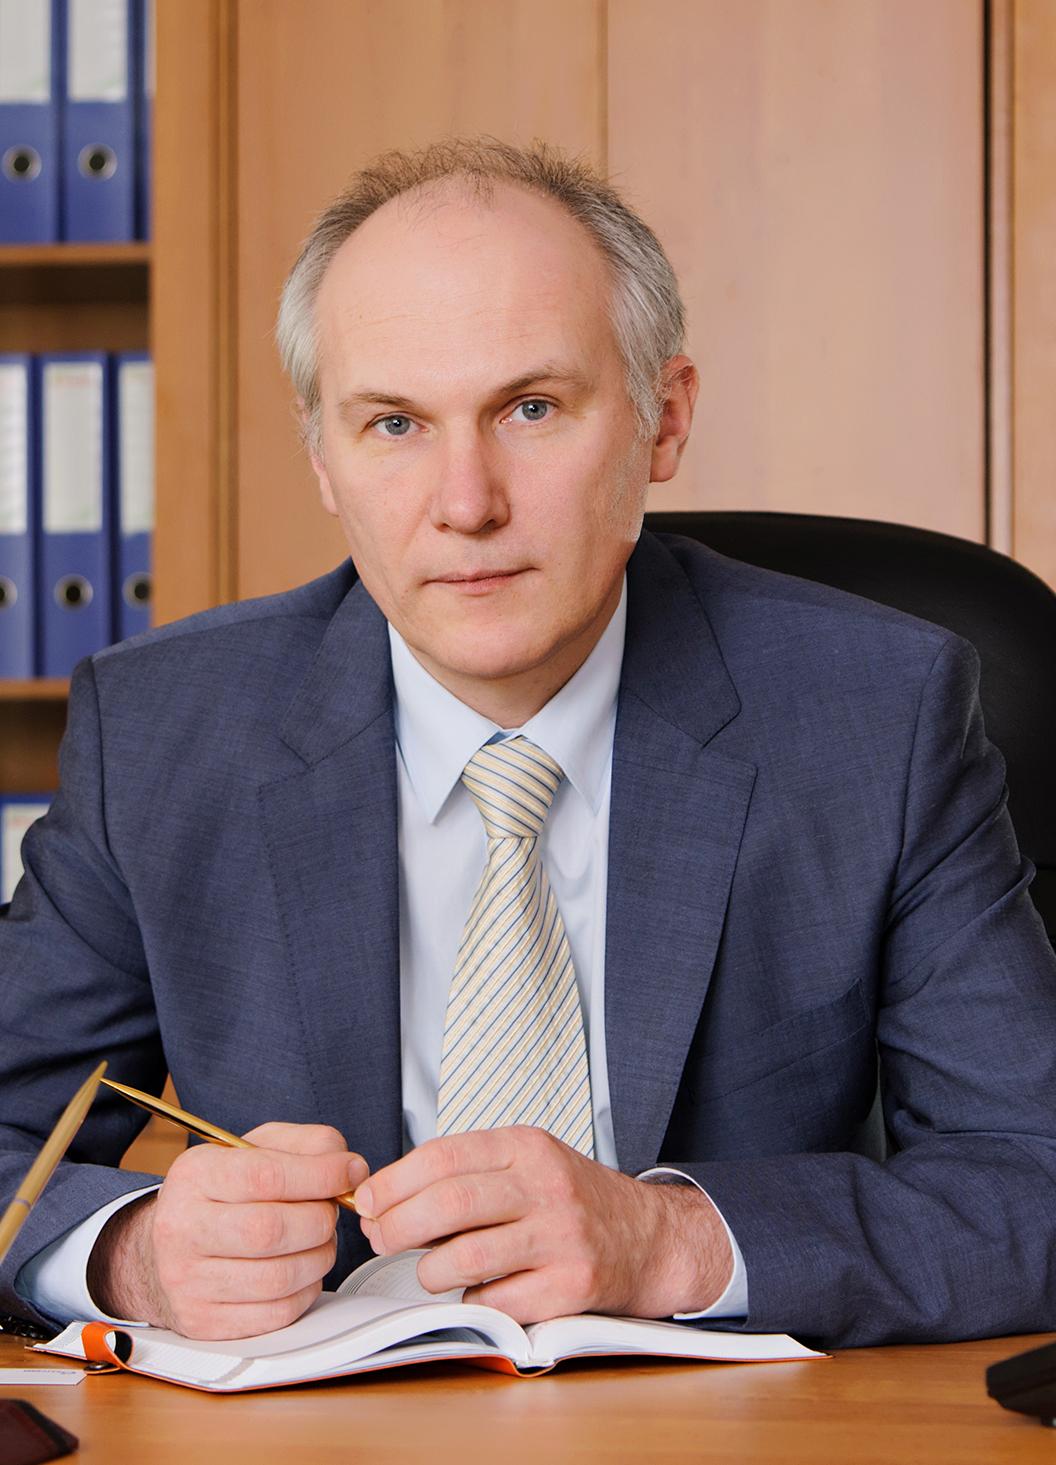 Sergey Lvovich Tropin